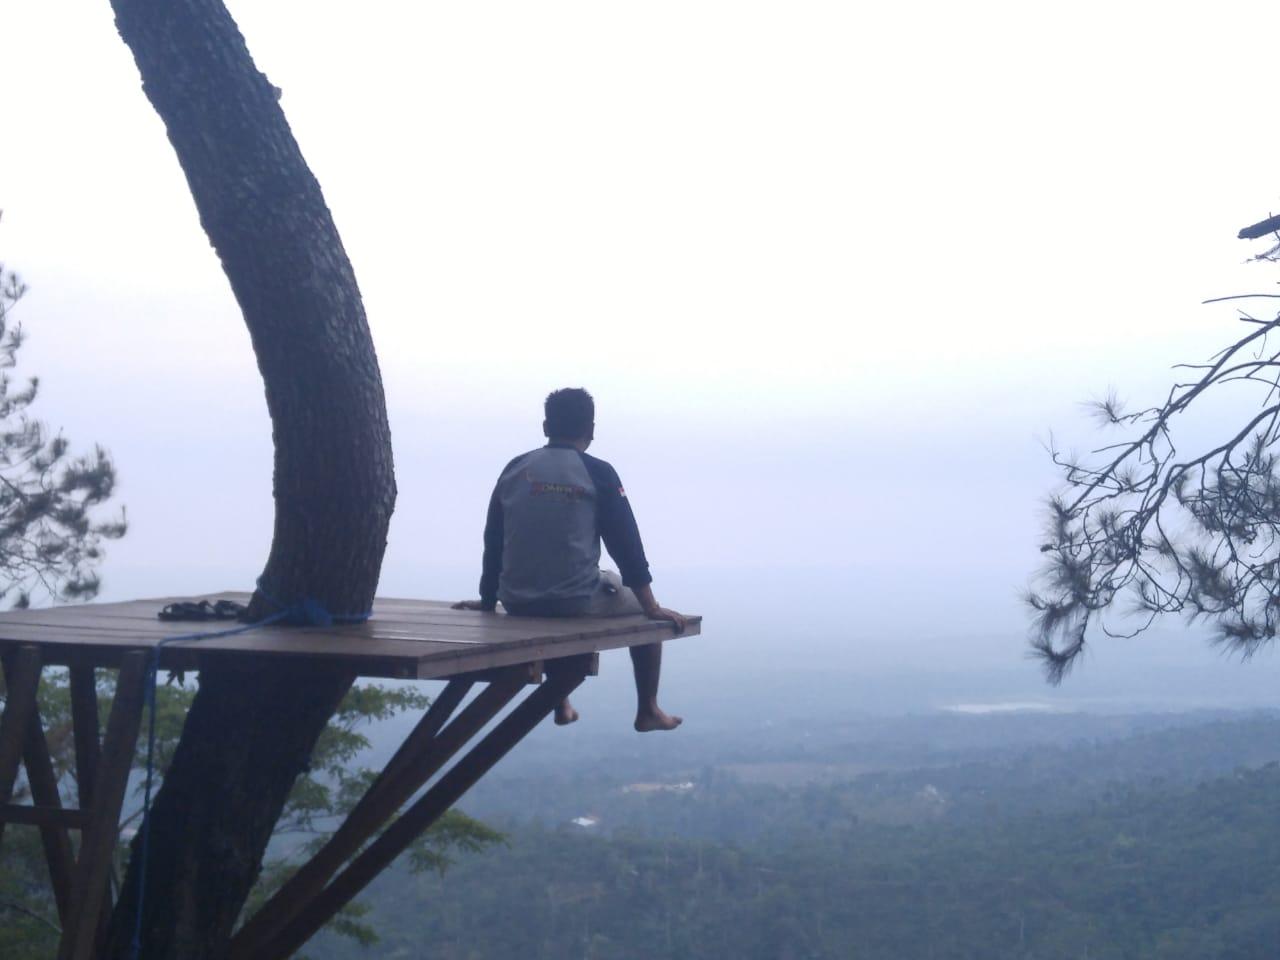 Begini Wisata Alam Gunungsari Pati Dari Hutan Pinus Sampai Gardu Pandang Lingkar Muria